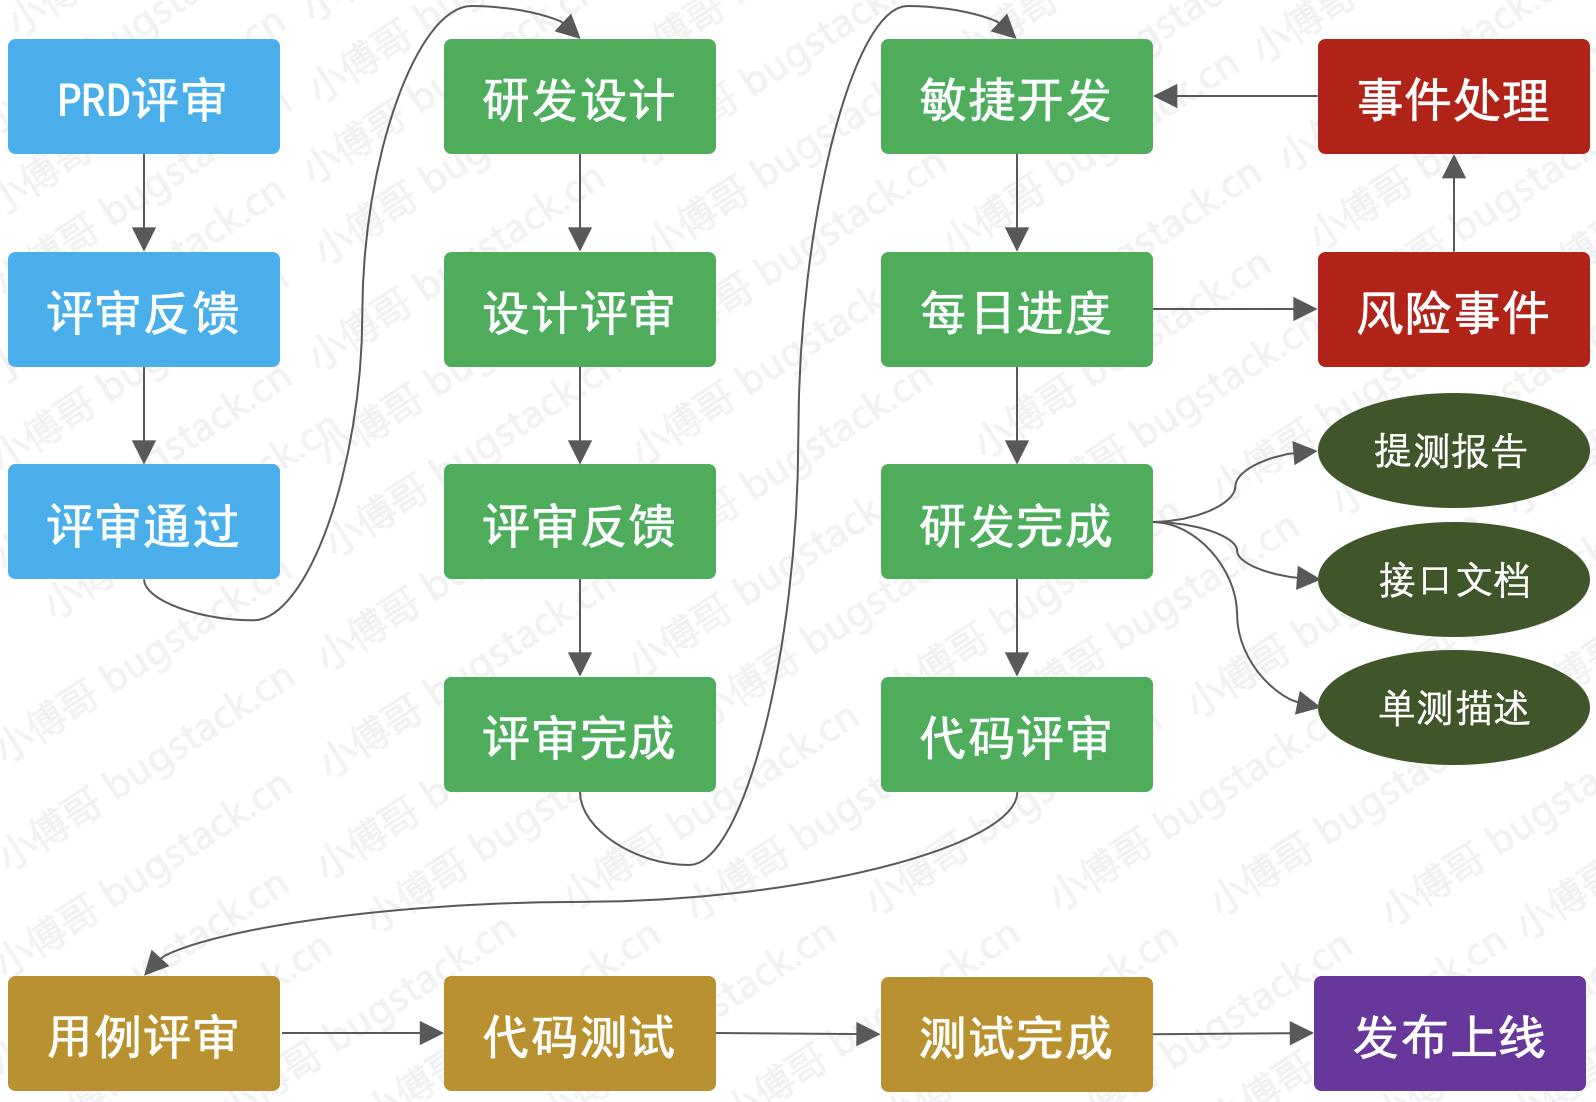 图 18-4 研发、测试、上线阶段